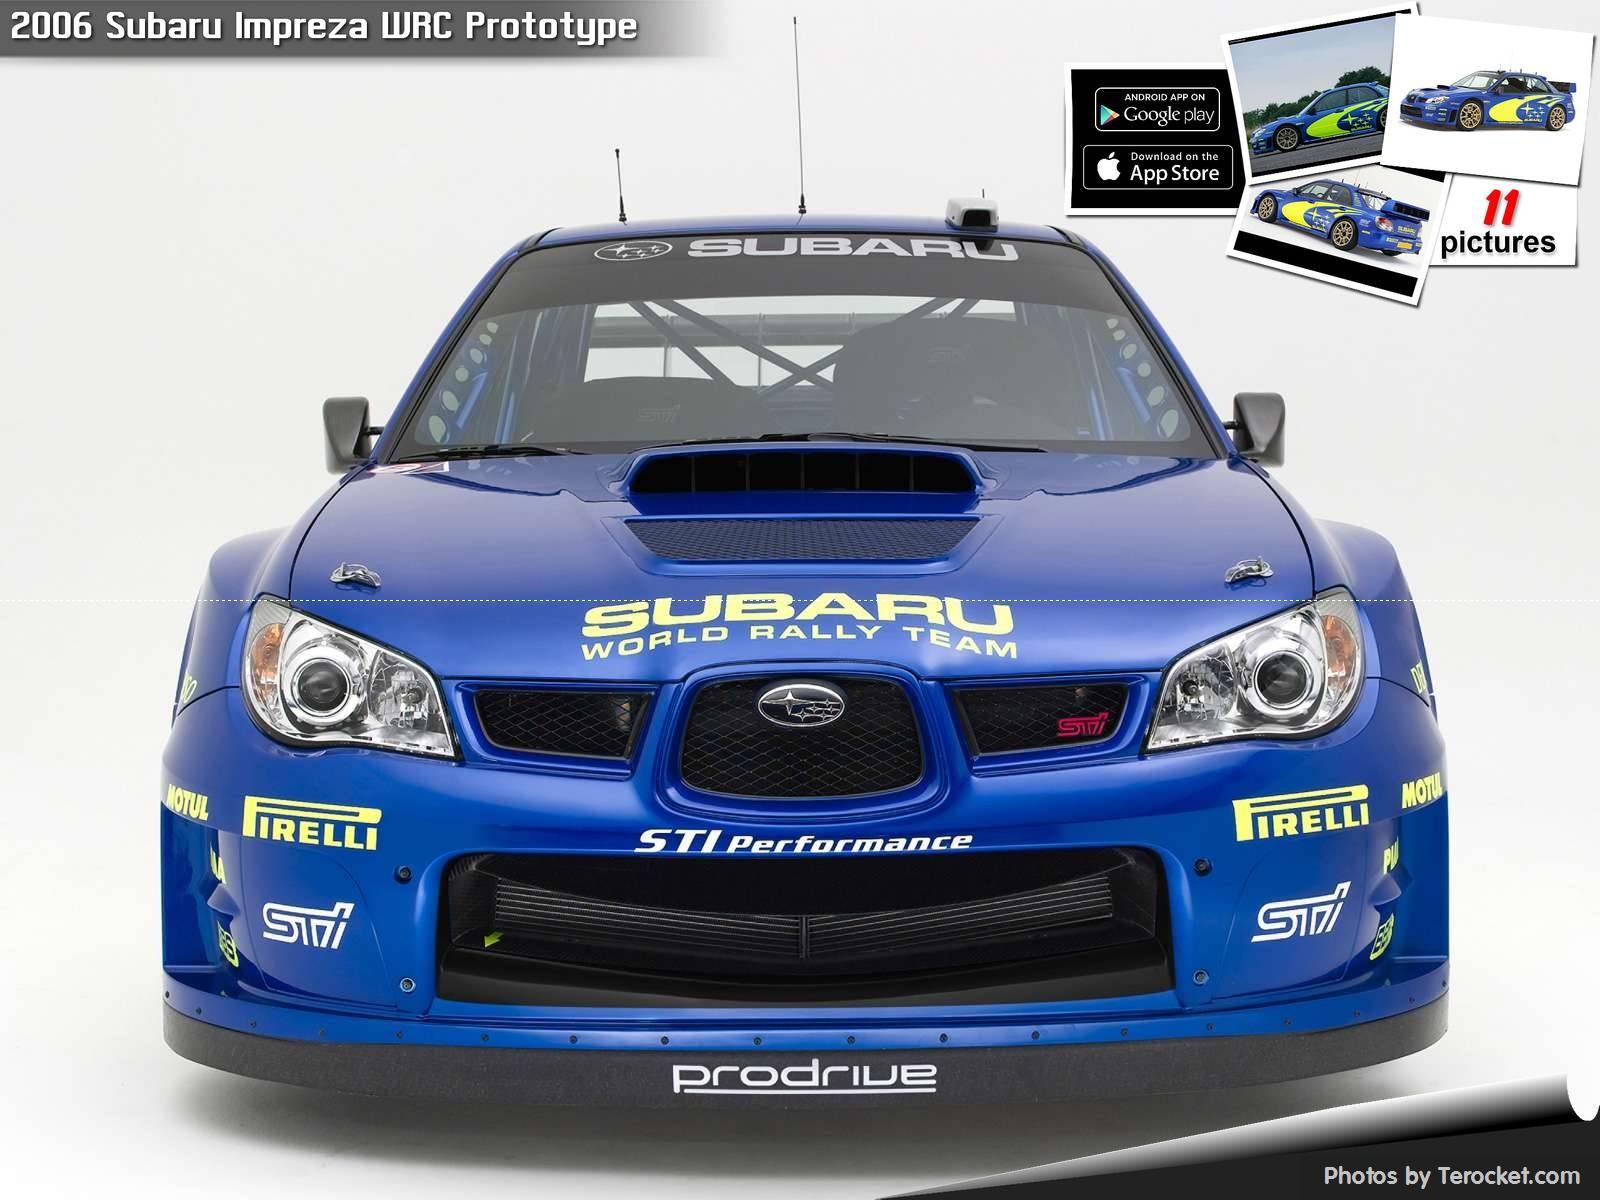 Hình ảnh xe ô tô Subaru Impreza WRC Prototype 2006 & nội ngoại thất